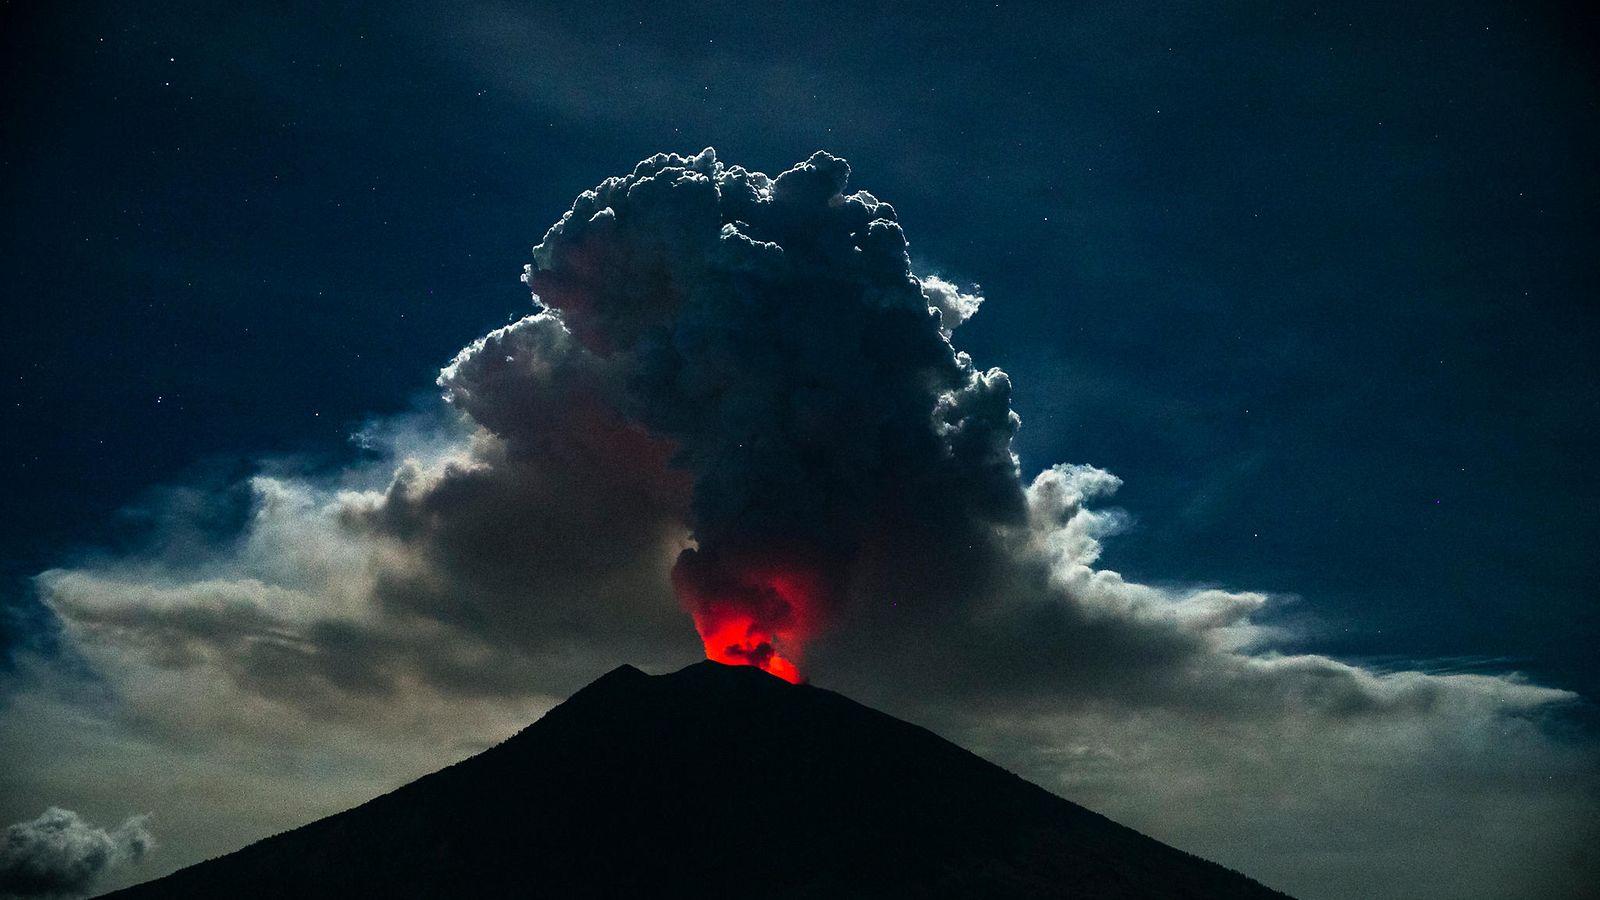 Balin kansainvälinen lentokenttä suljettu - tulivuori sylkenyt tuhkaa ilmaan, lähes 50 lentoa ...